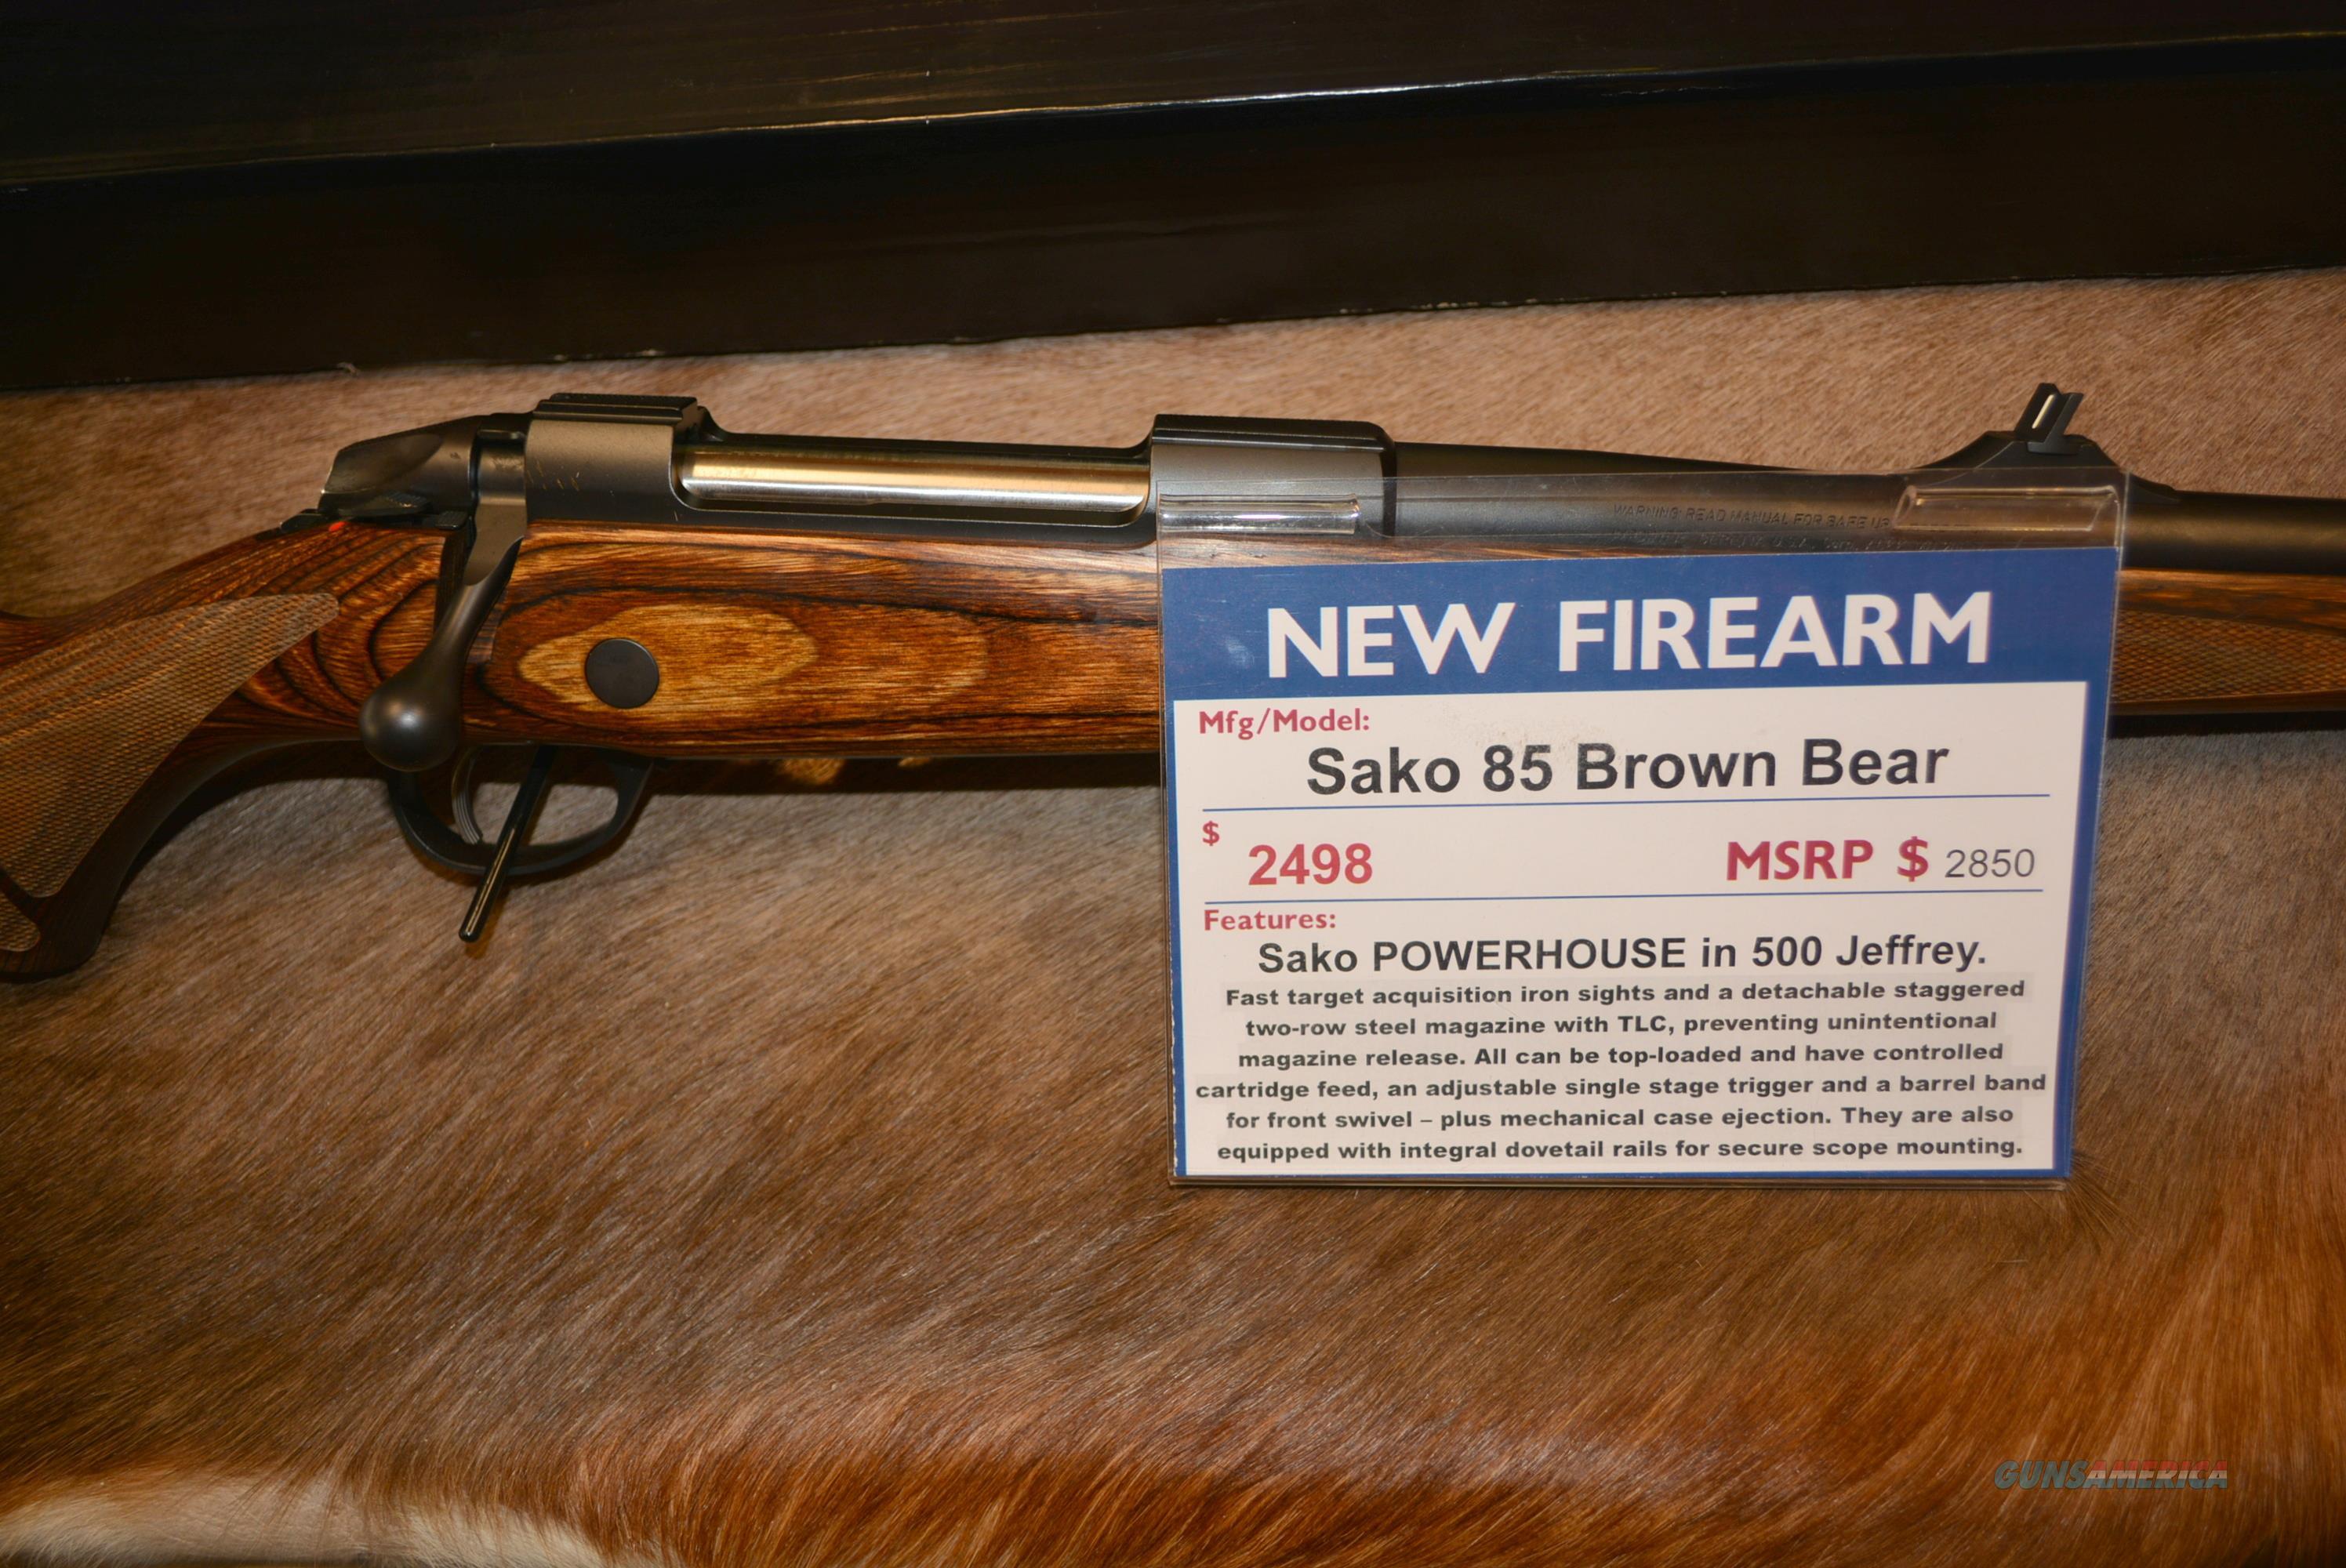 Sako 85 Brown Bear in 500 Jeffrey  Guns > Rifles > Sako Rifles > M85 Series